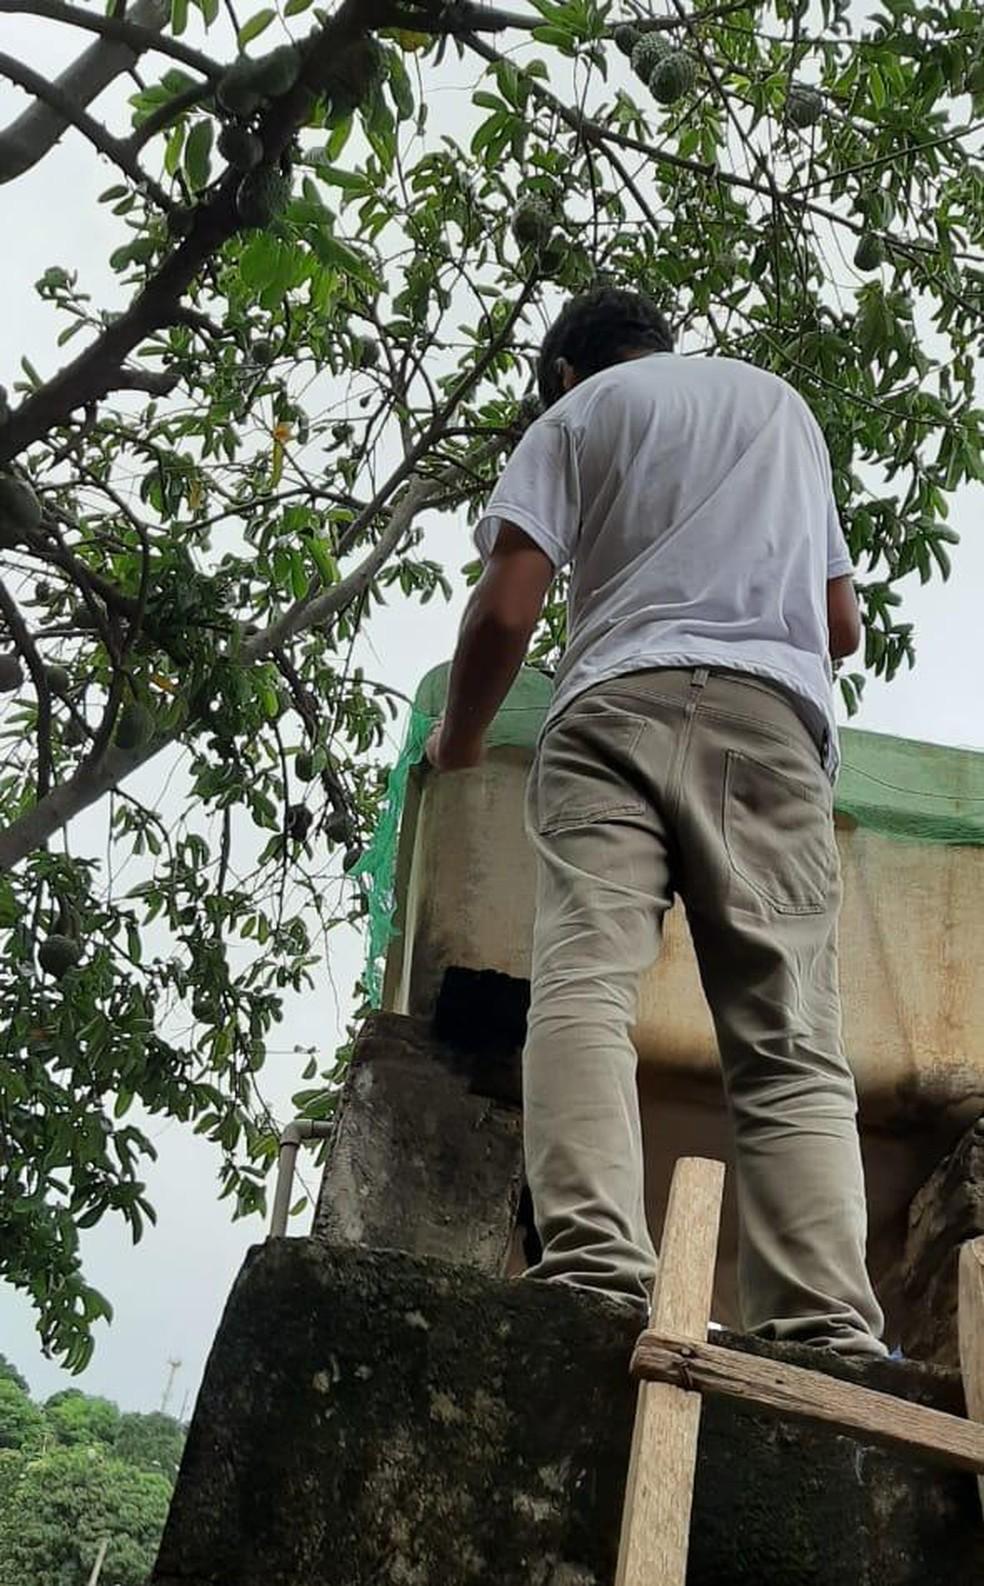 Prefeitura adquiriu telas para tampar os reservatórios — Foto: Prefeitura/ Divulgação